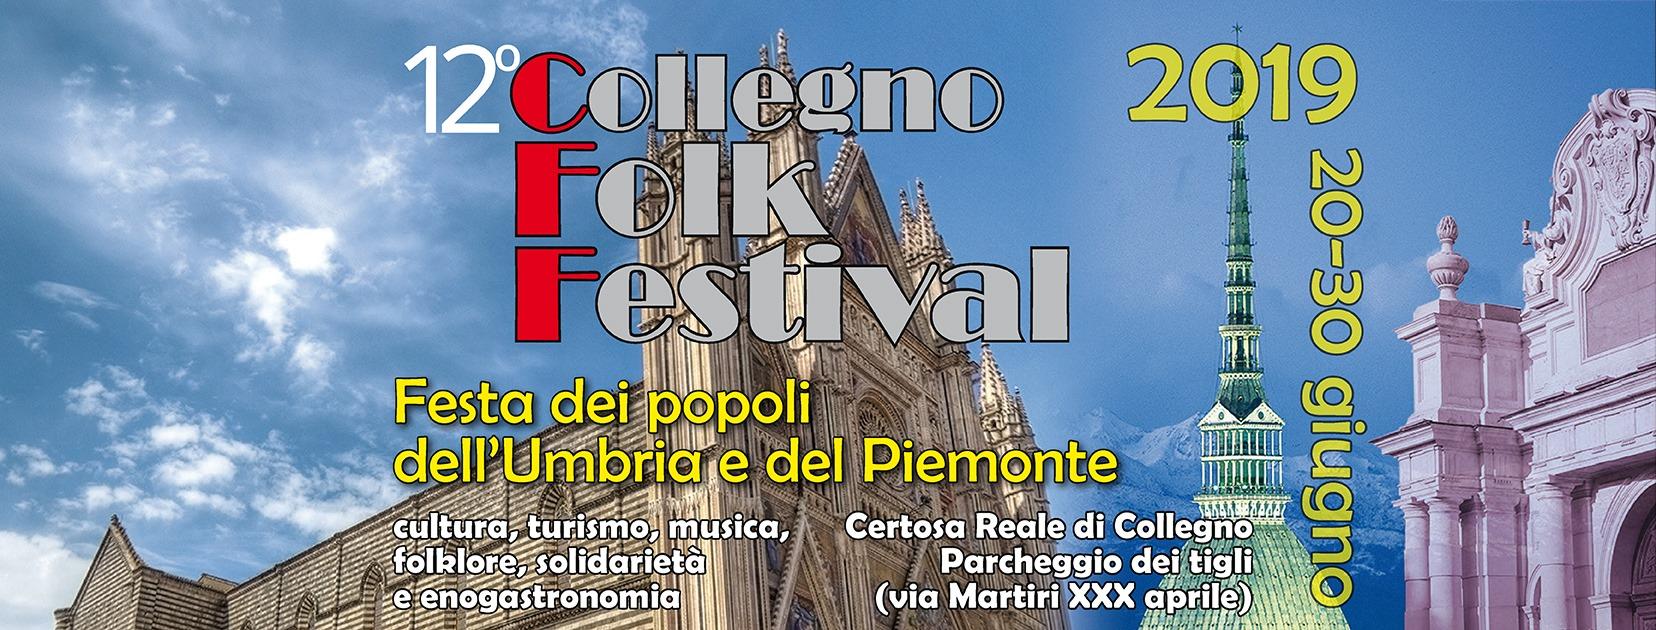 Collegno Folk Festival - XII^ edizione